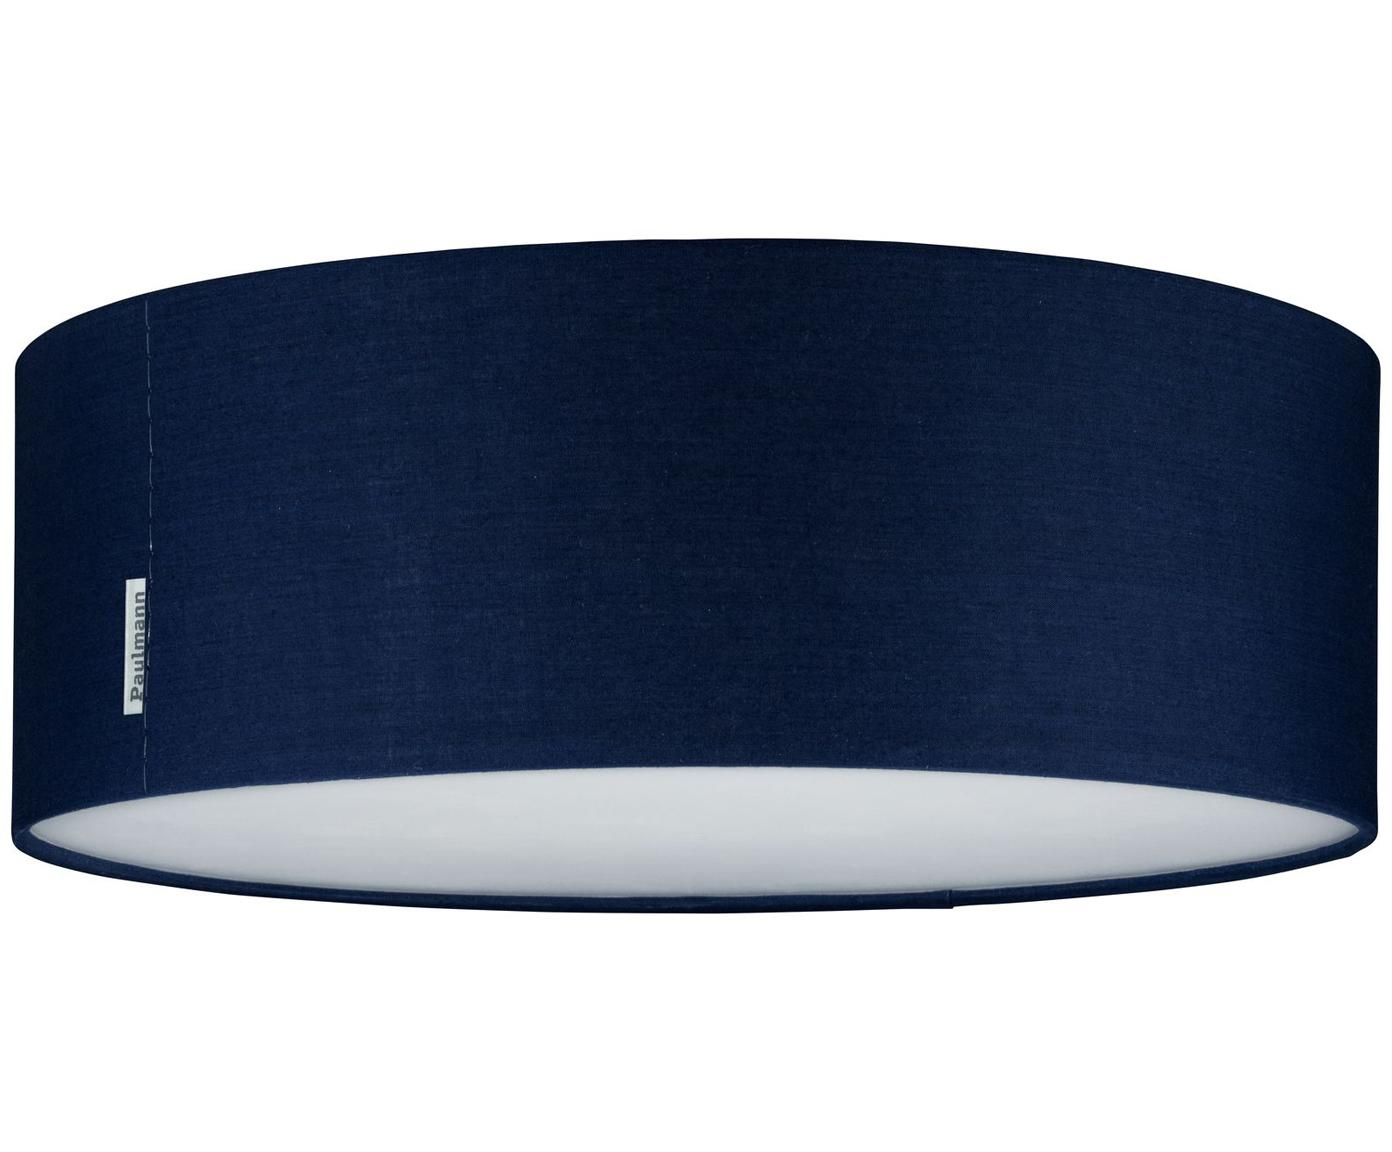 Plafoniera in blu scuro Mari, Paralume: poliestere, Blu scuro, Ø 38 x Alt. 13 cm